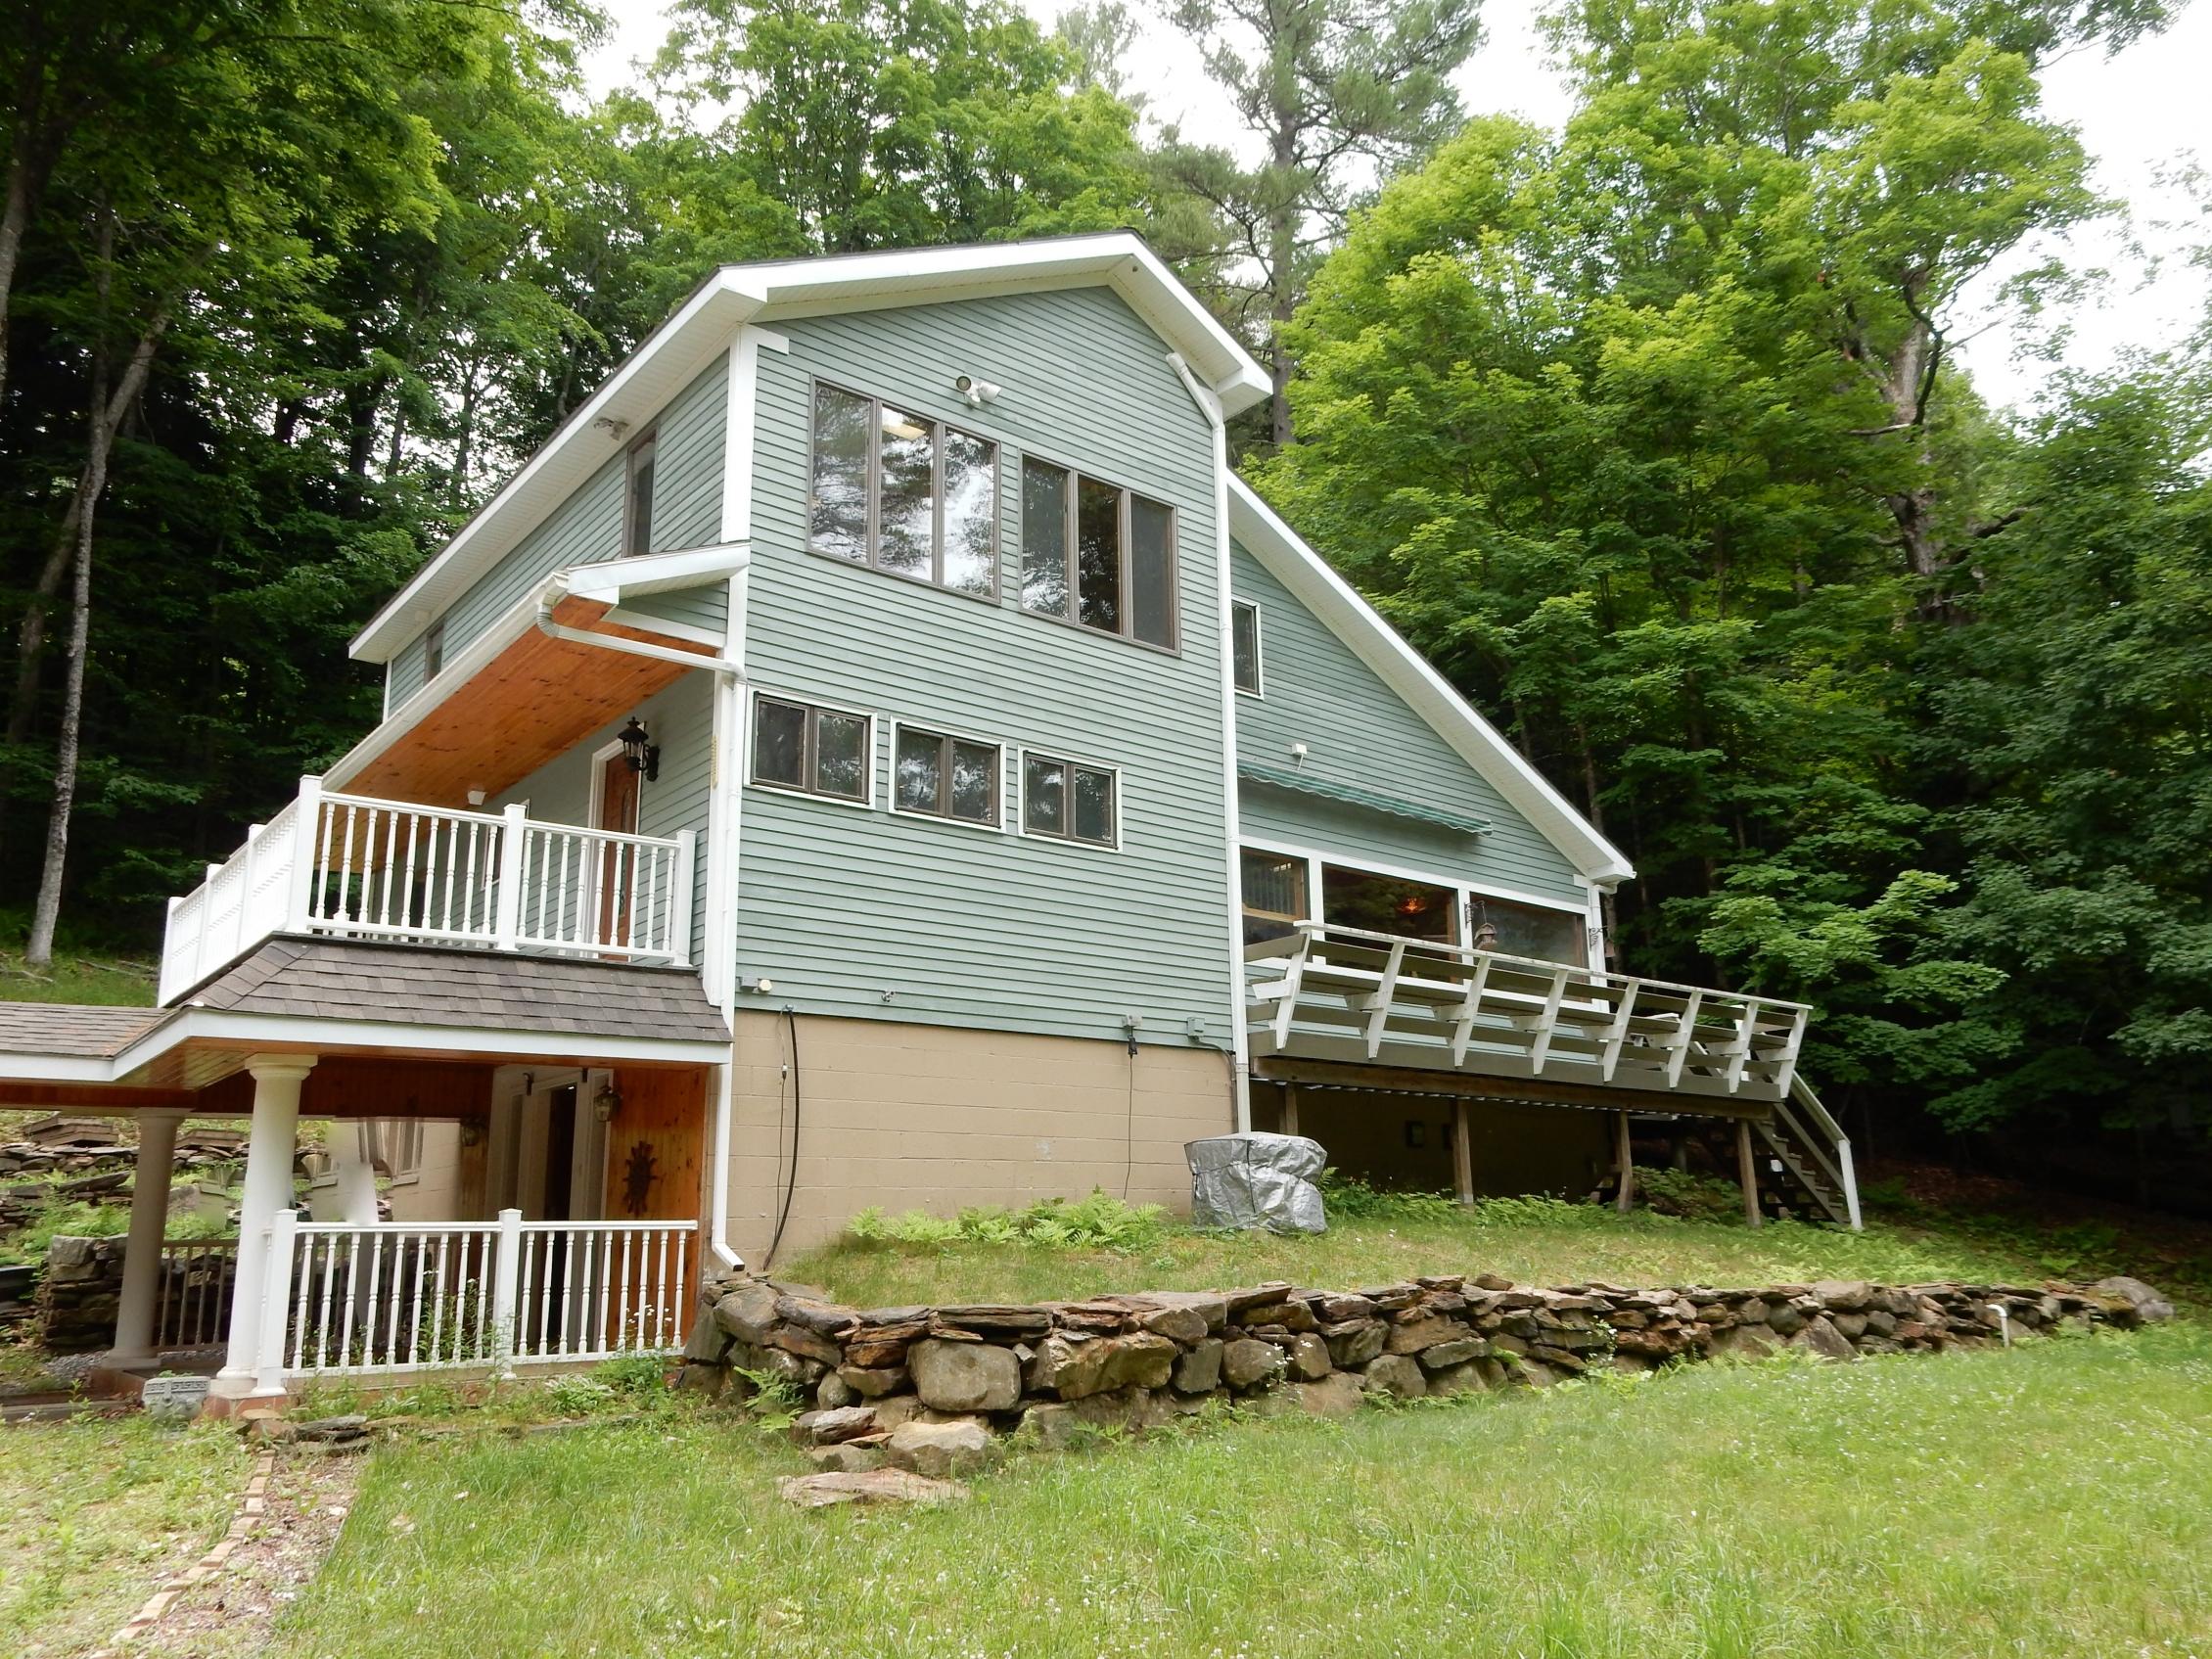 Maison unifamiliale pour l Vente à 1 Ledge, Hanover 1 Ledge Rd Hanover, New Hampshire, 03755 États-Unis